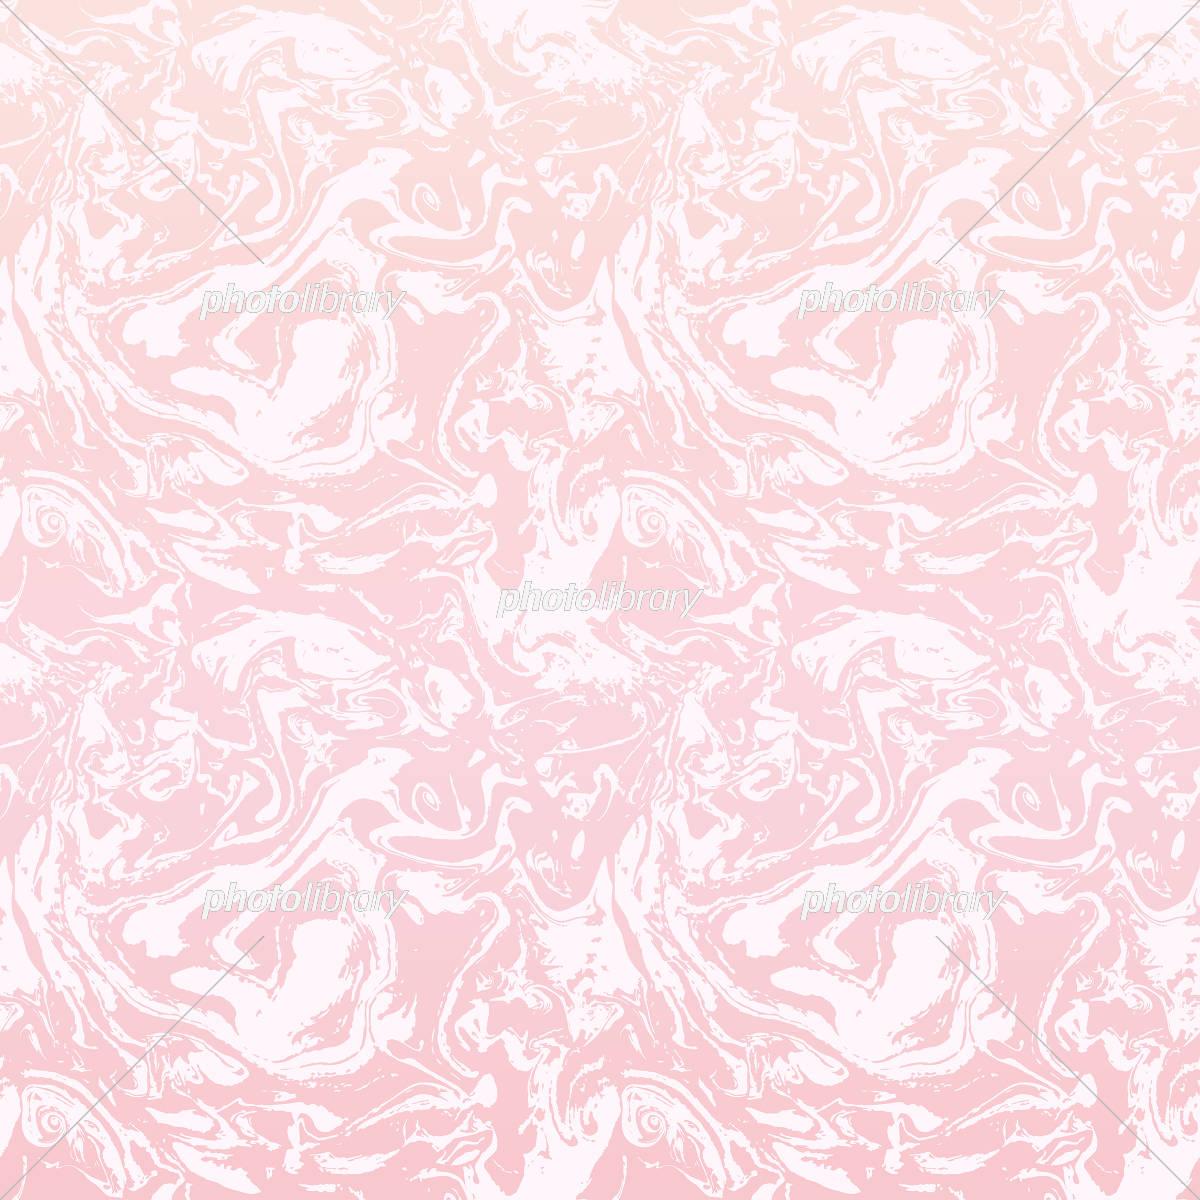 マーブル ピンクの背景 イラスト素材 4637769 フォトライブ